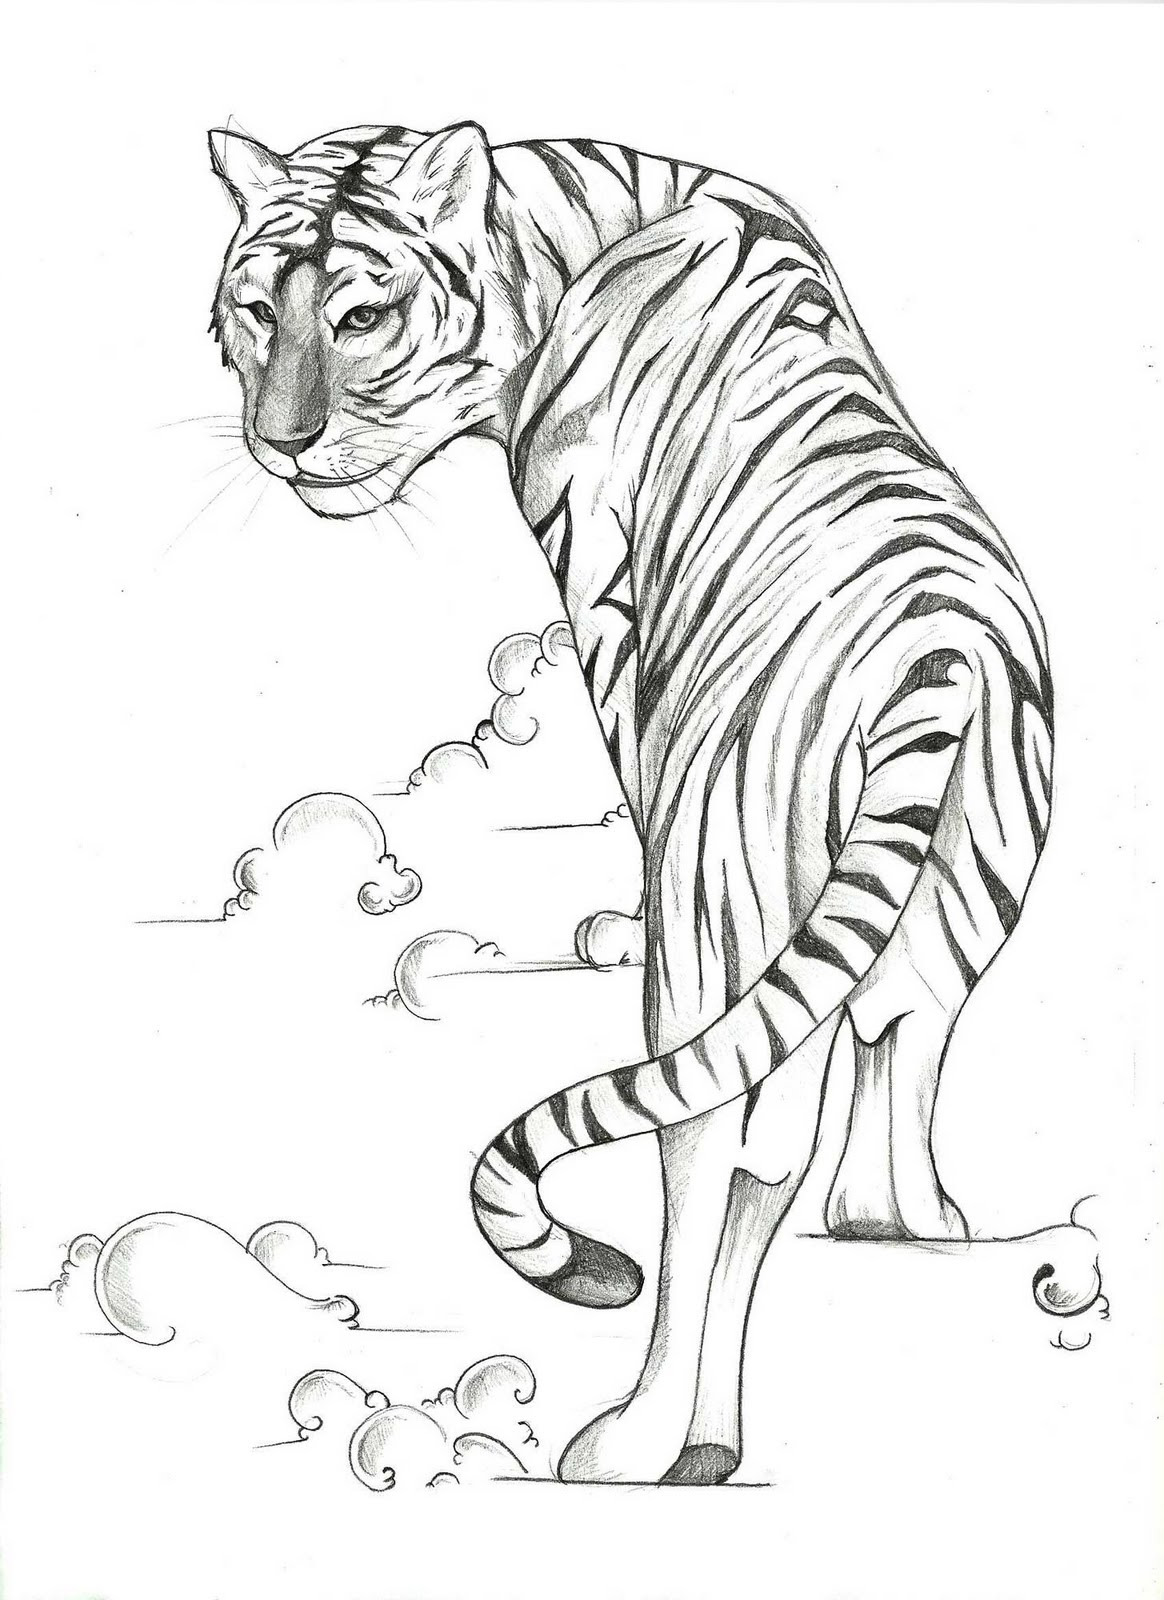 Pleased black-and-white tiger walking throuth white smoke tattoo design